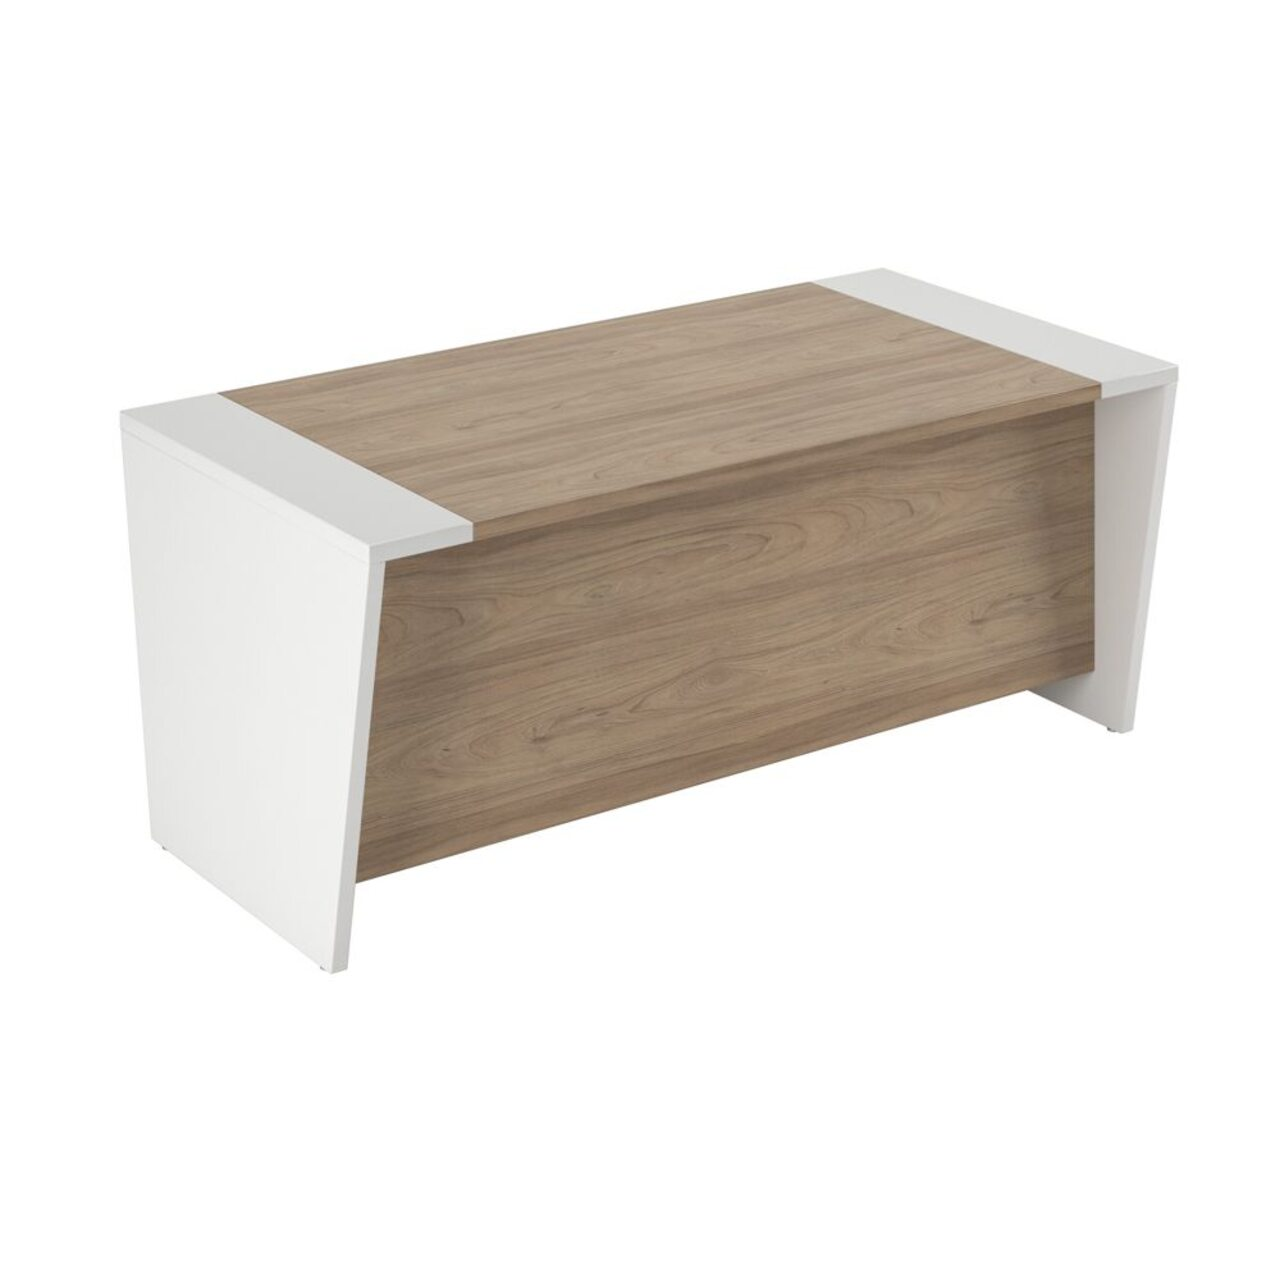 Стол письменный 180 (панель древесная)  ASTI 180x90x75 - фото 1